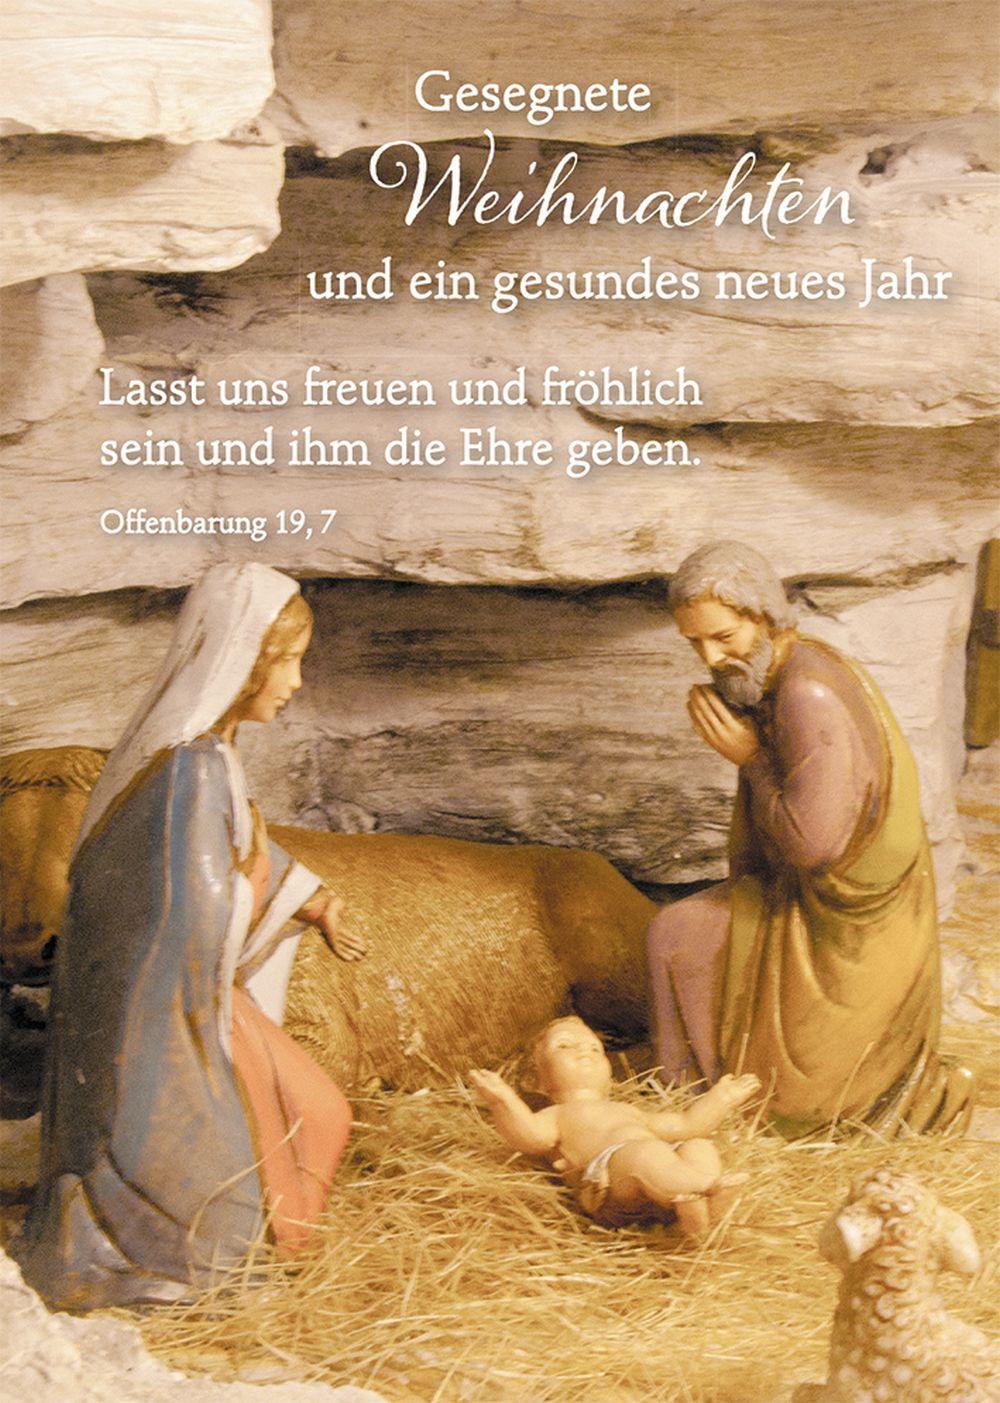 Postkarte Gesegnete Weihnachten und ein gesundes neues Jahr